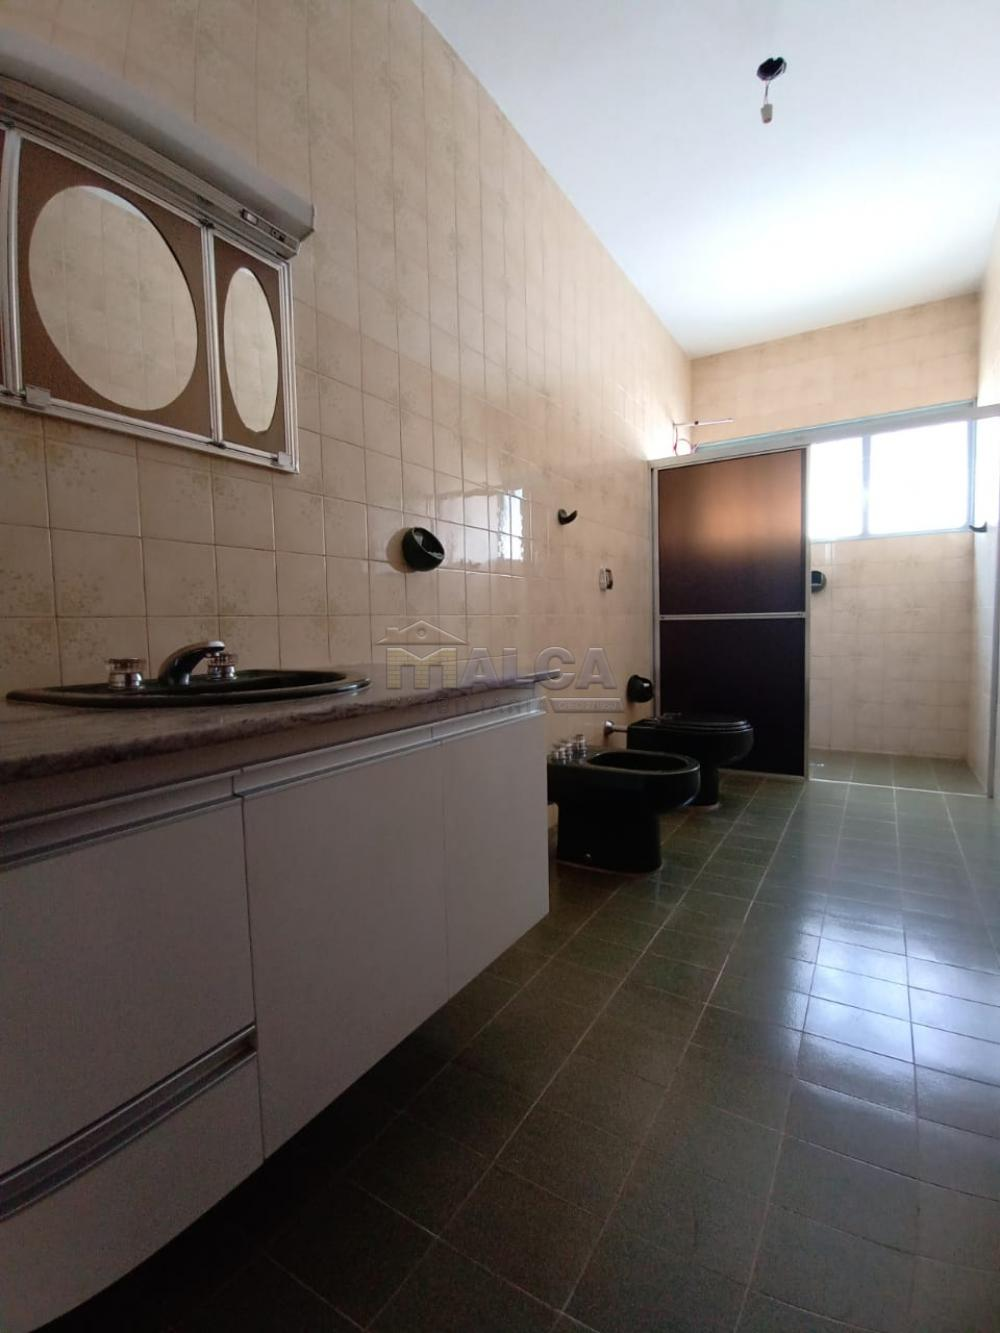 Alugar Casas / Padrão em São José do Rio Pardo apenas R$ 2.500,00 - Foto 11